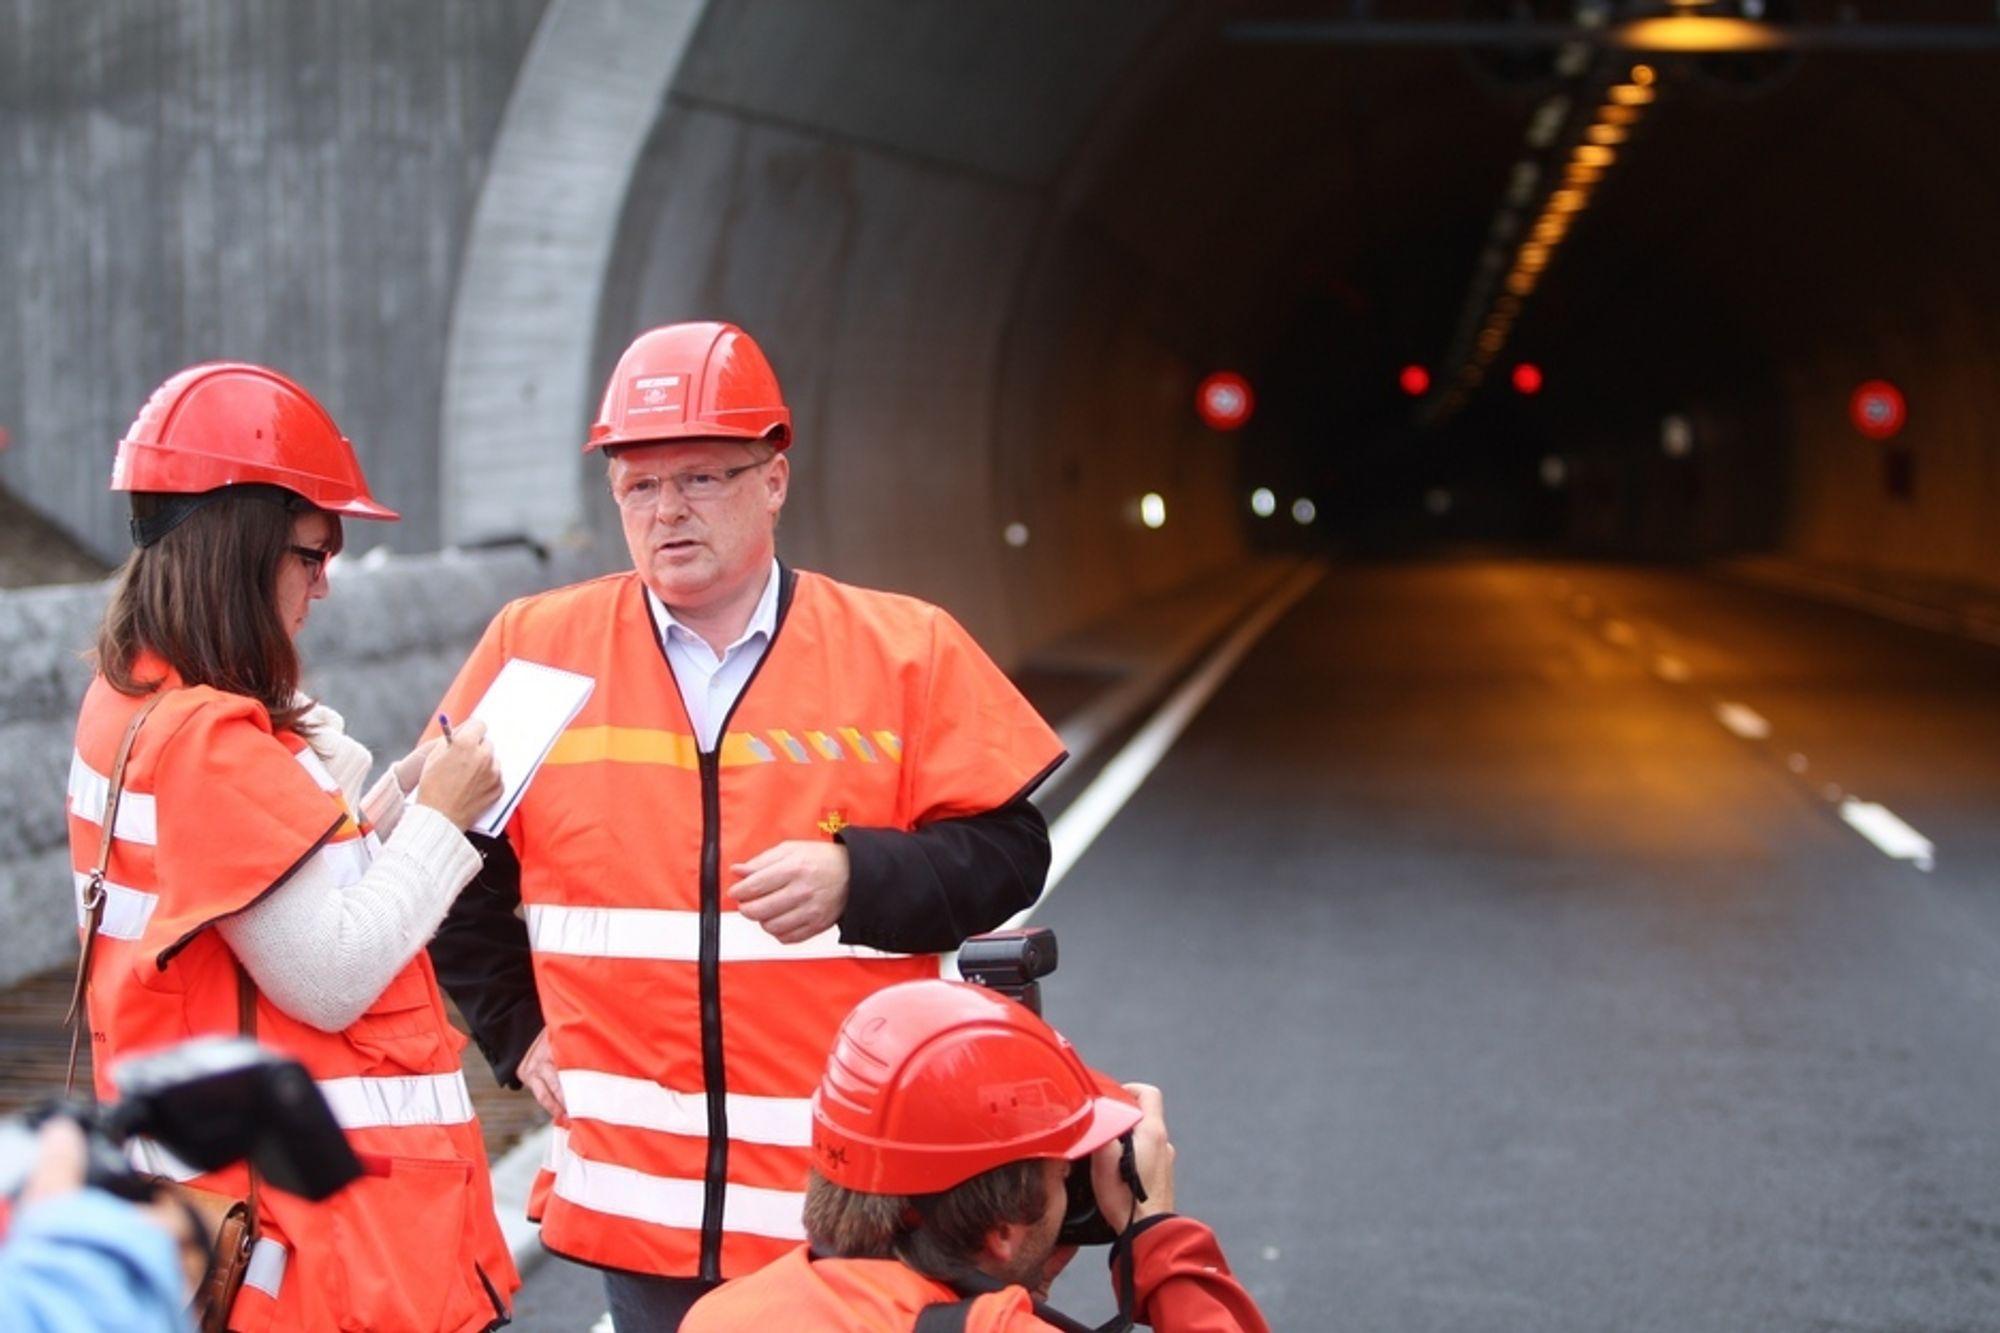 VIL HA FORANDRING: Leder av transportkomiteen på Stortinget, Per Sandberg (Frp), mener funksjonskontraktene på veivedlikehold må deles opp for å slippe til mindre entreprenører. - Da får vi større konkurranse om disse kontraktene, sier han.